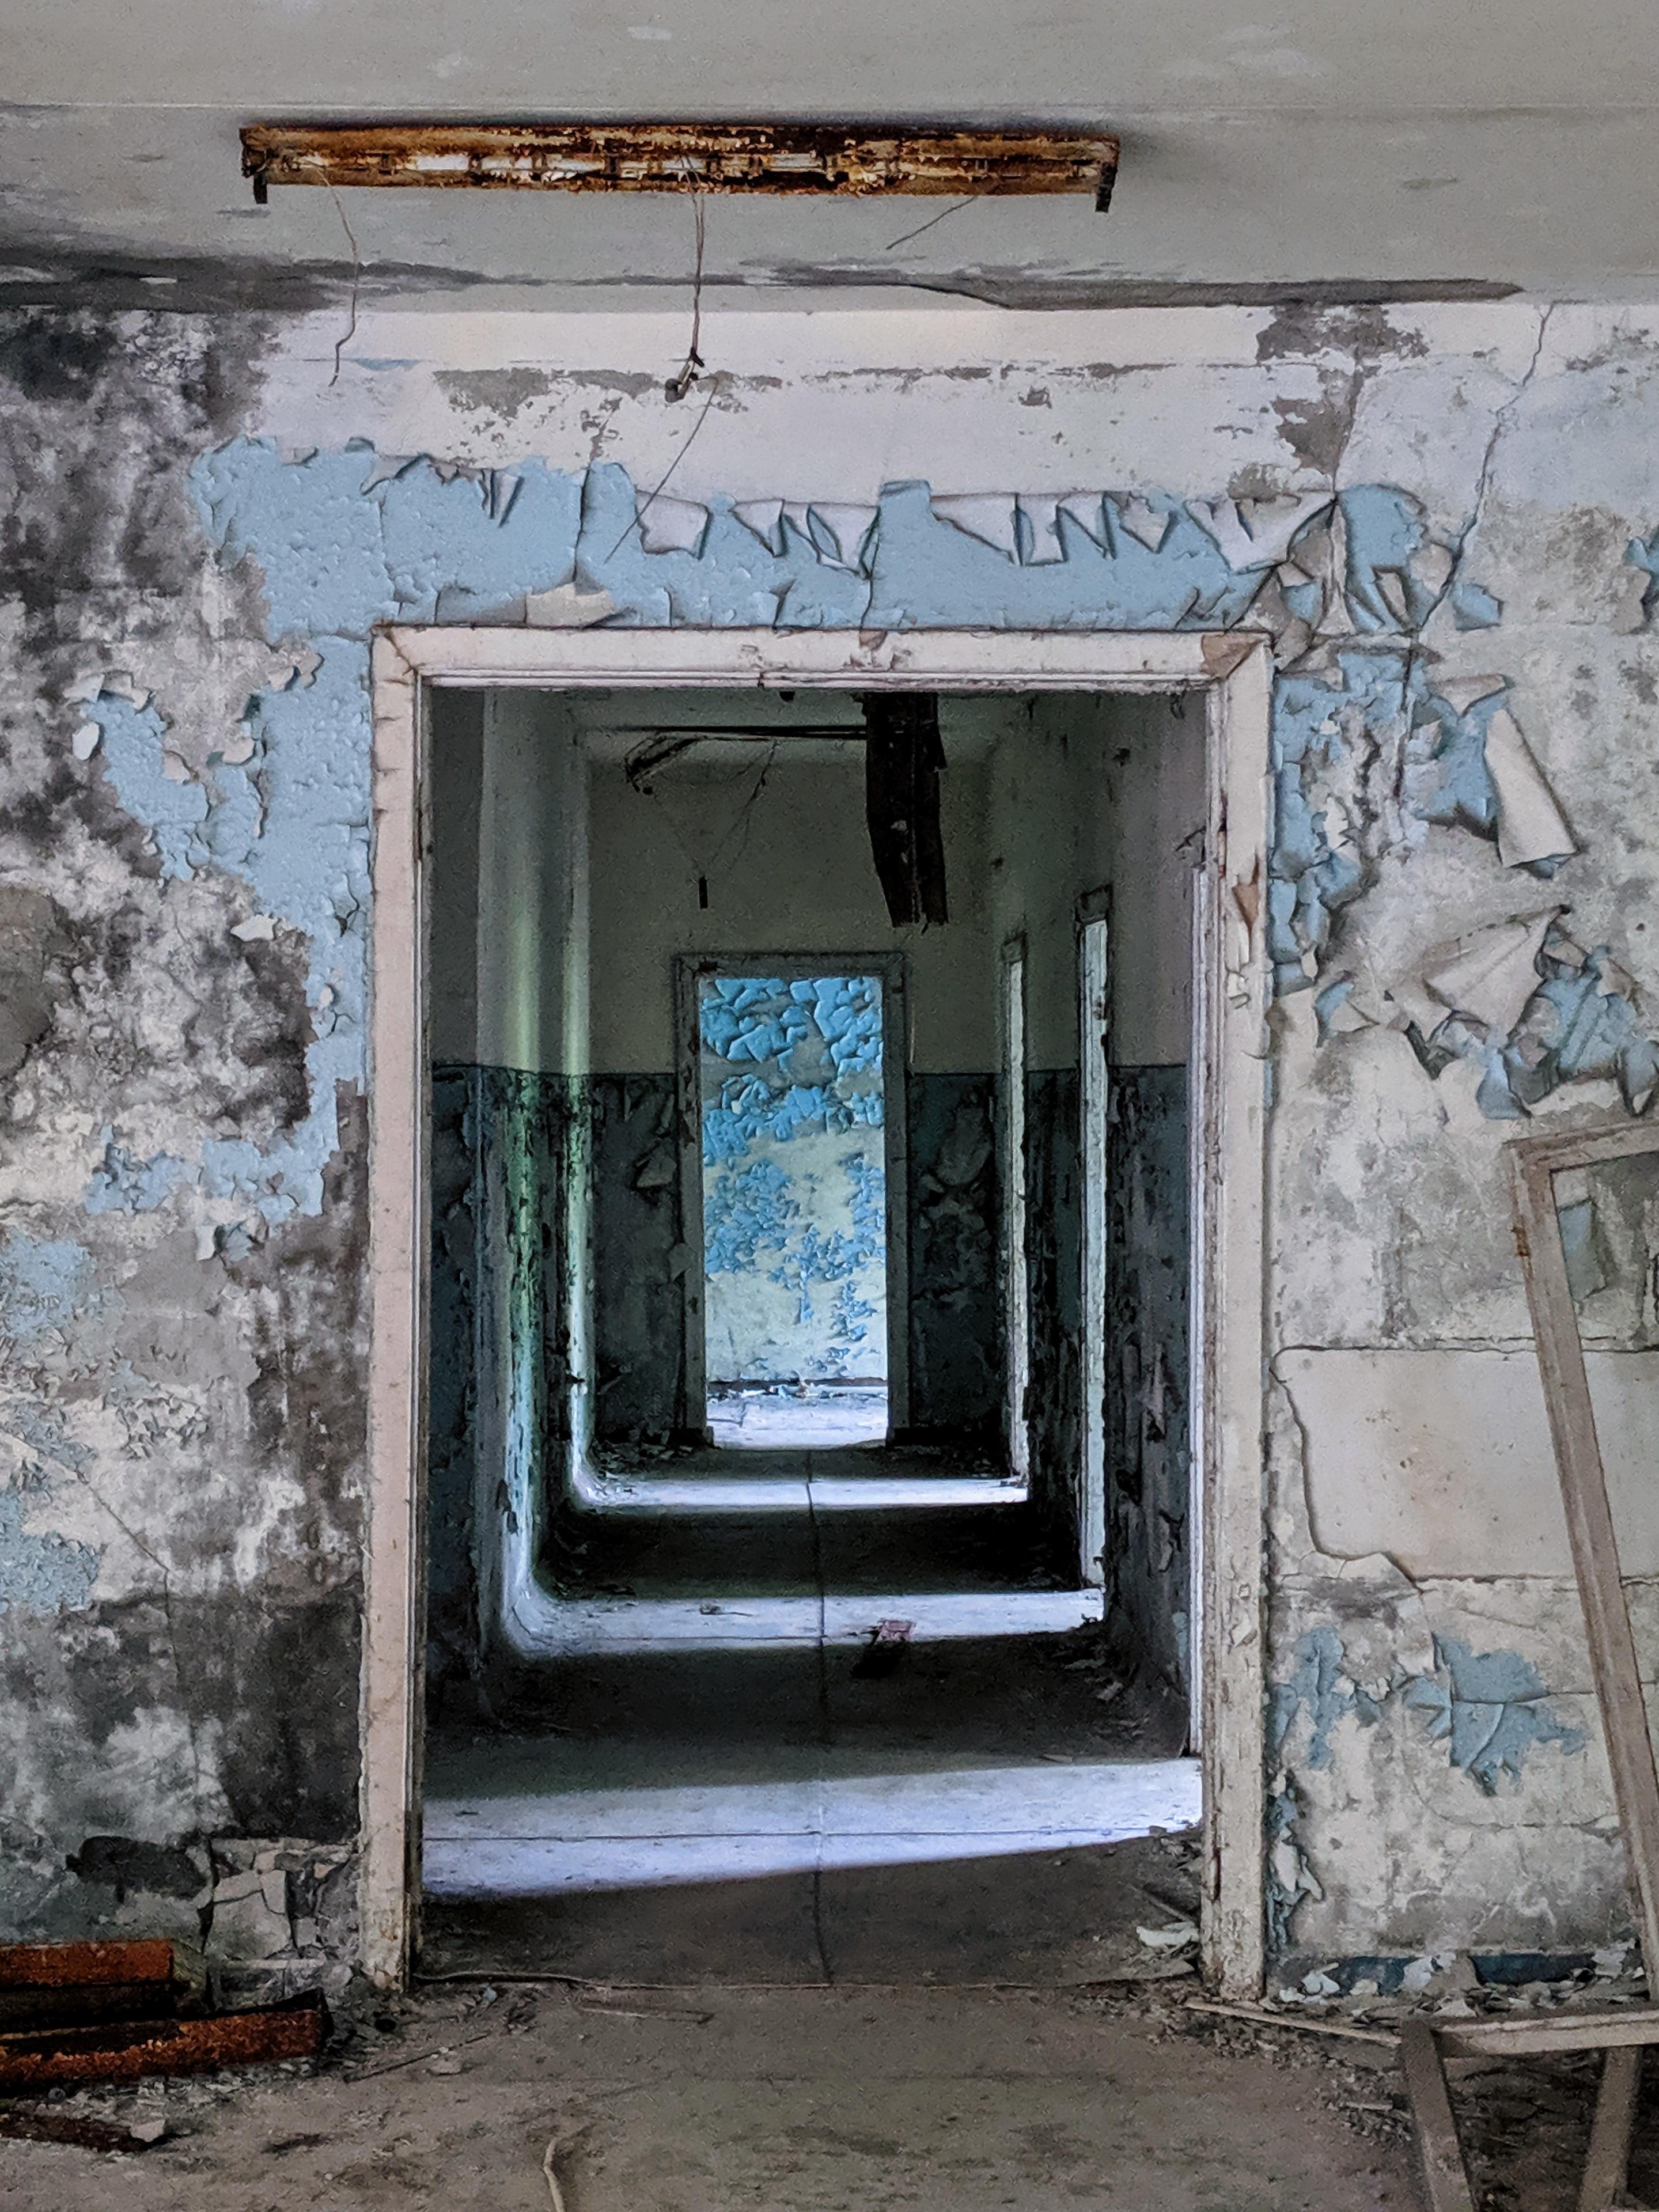 Eerie hallway